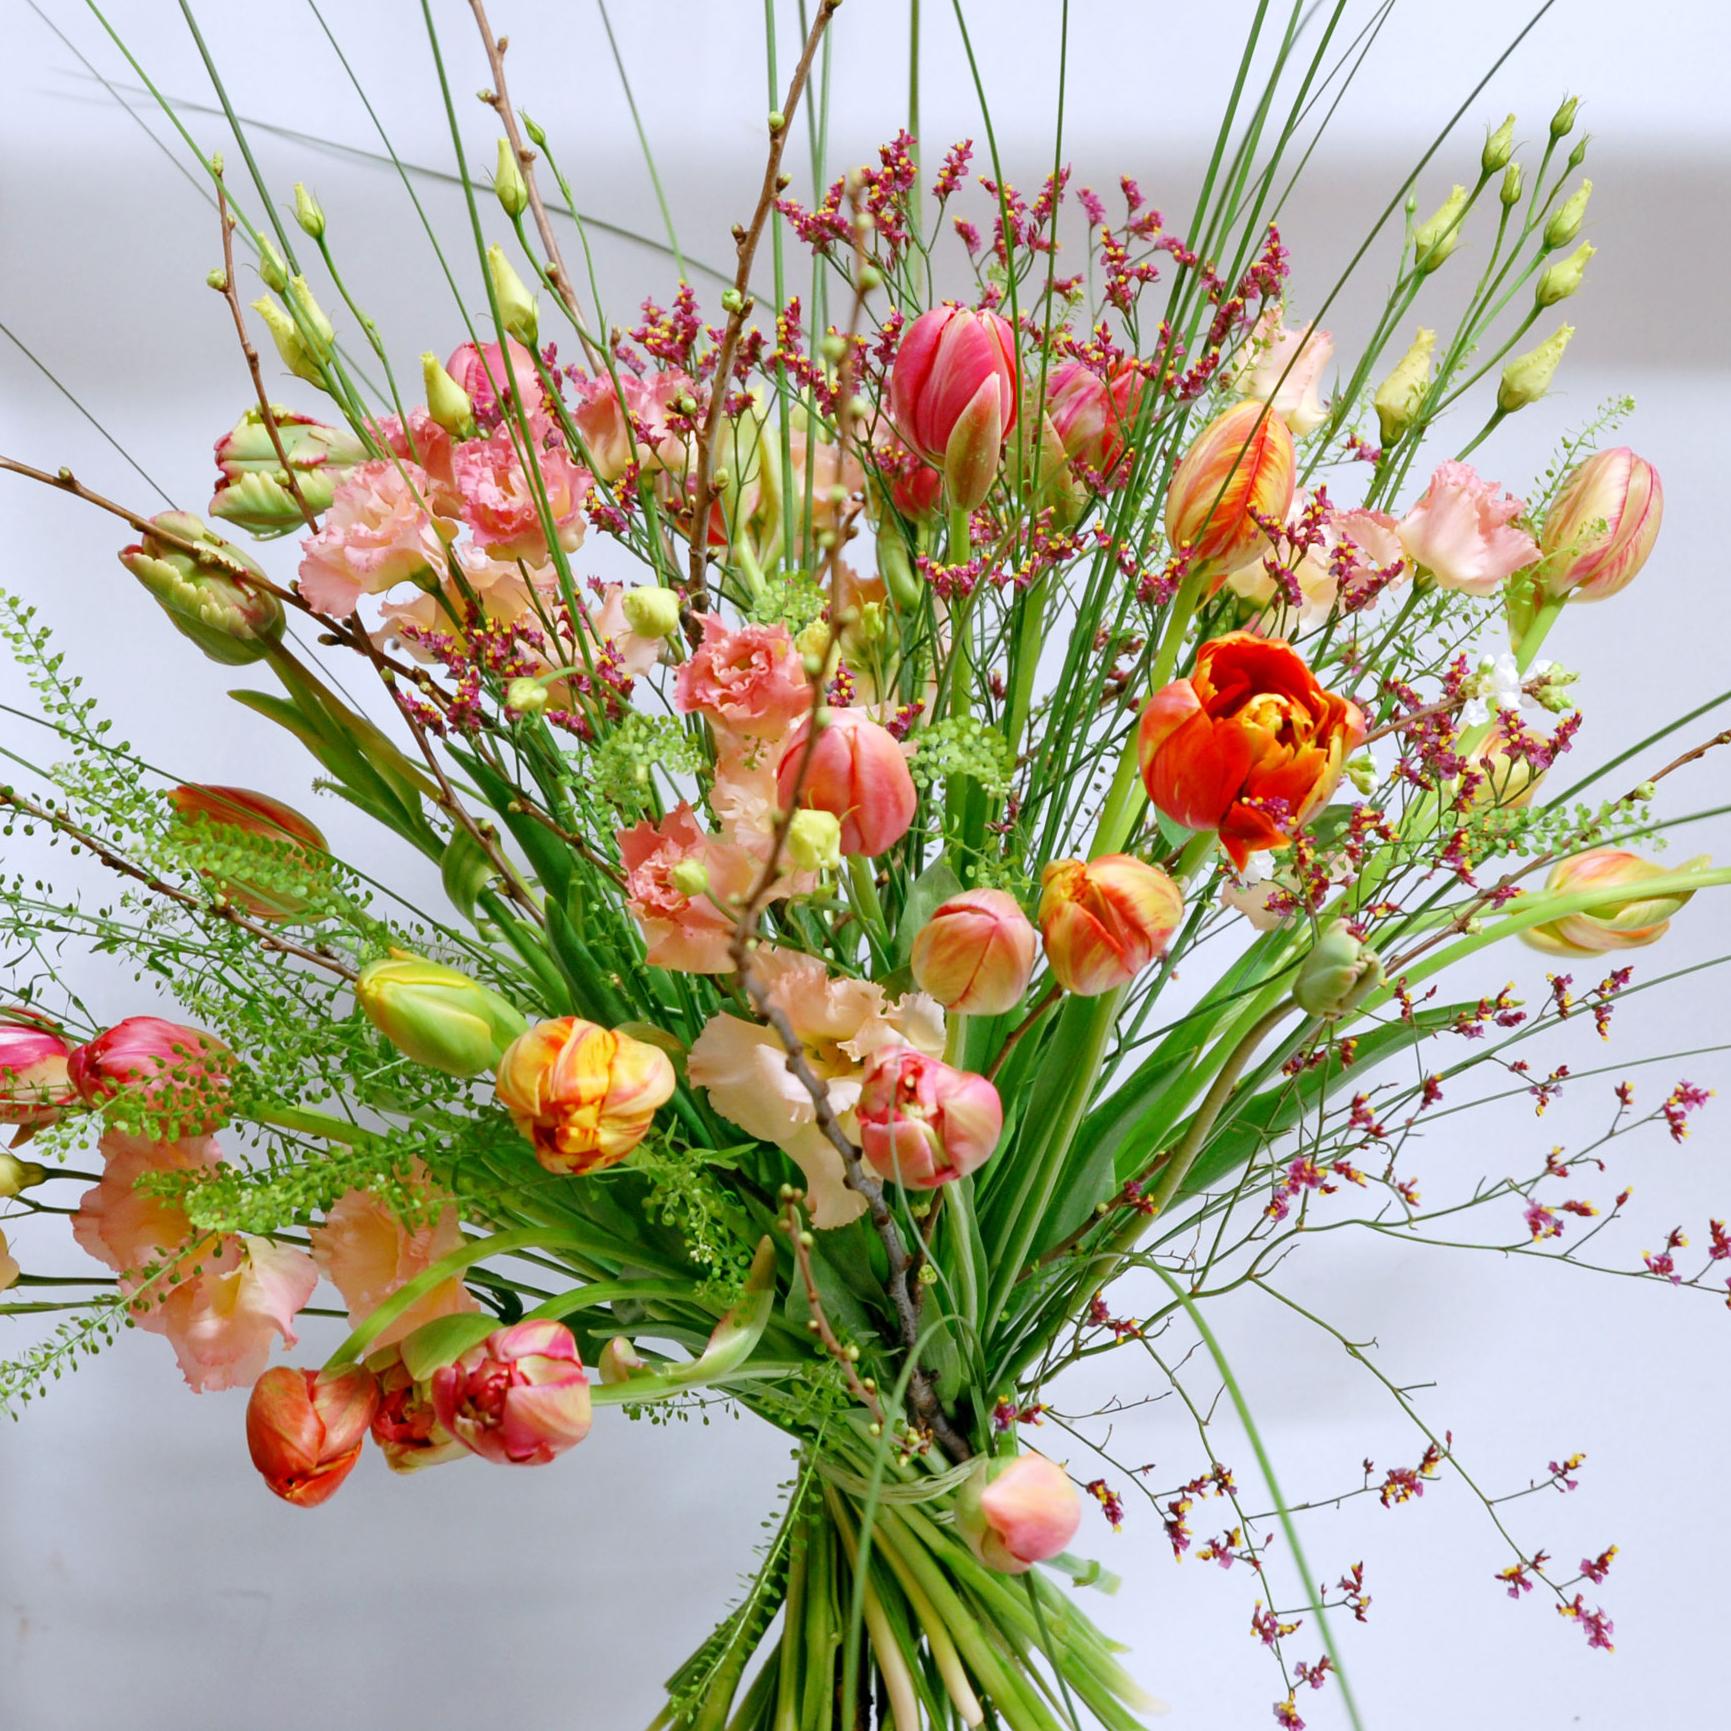 Bouquet de fleurs compose de tulipes, de lisianthus, de thalspis, de limoniums, de stealgrass et de branchages.